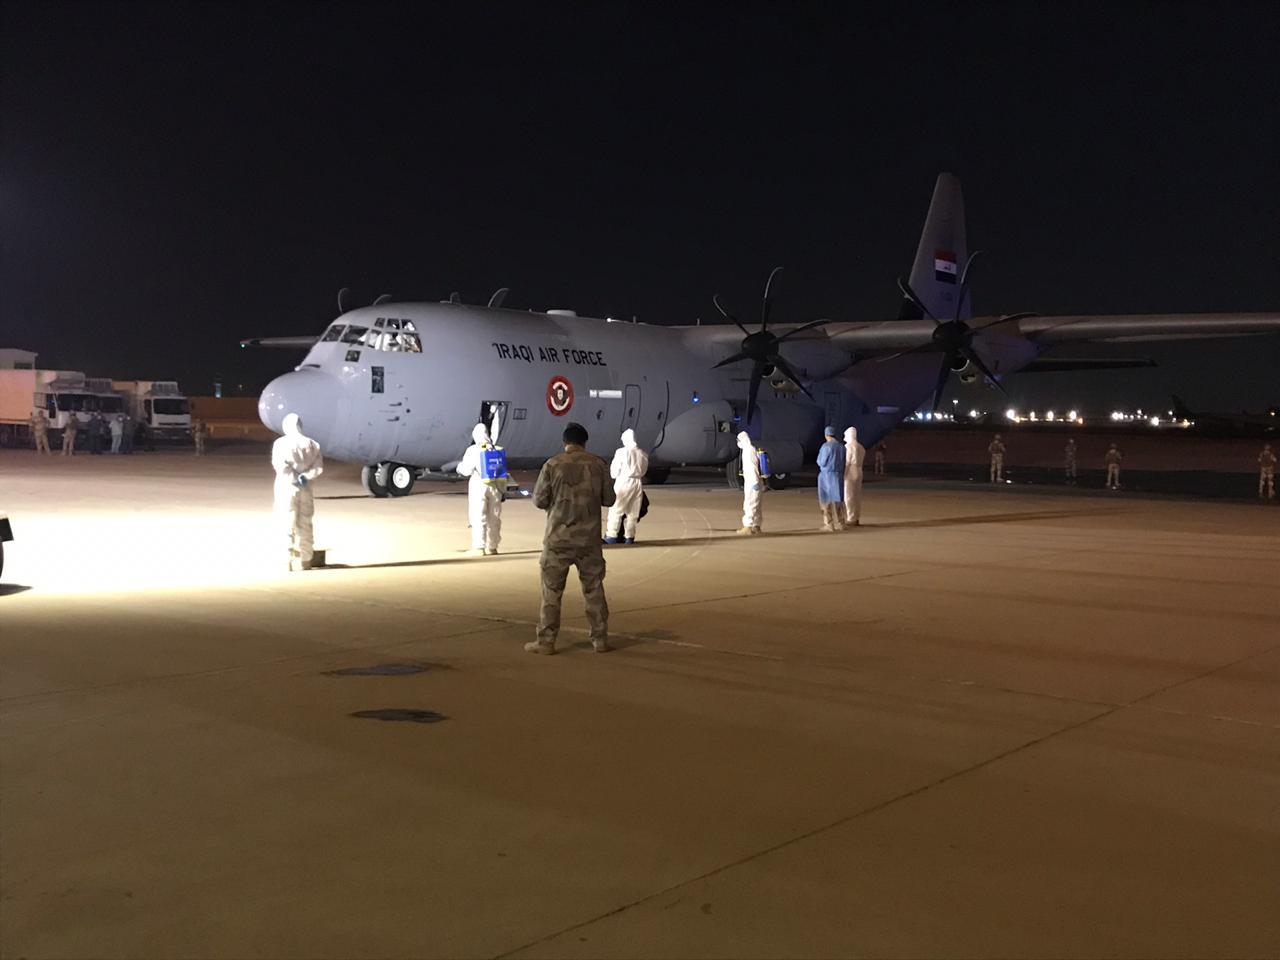 وصول طائرة عسكرية عراقية تحمل الدفعة الثانية من المساعدات الطبية الصينية الى بغداد